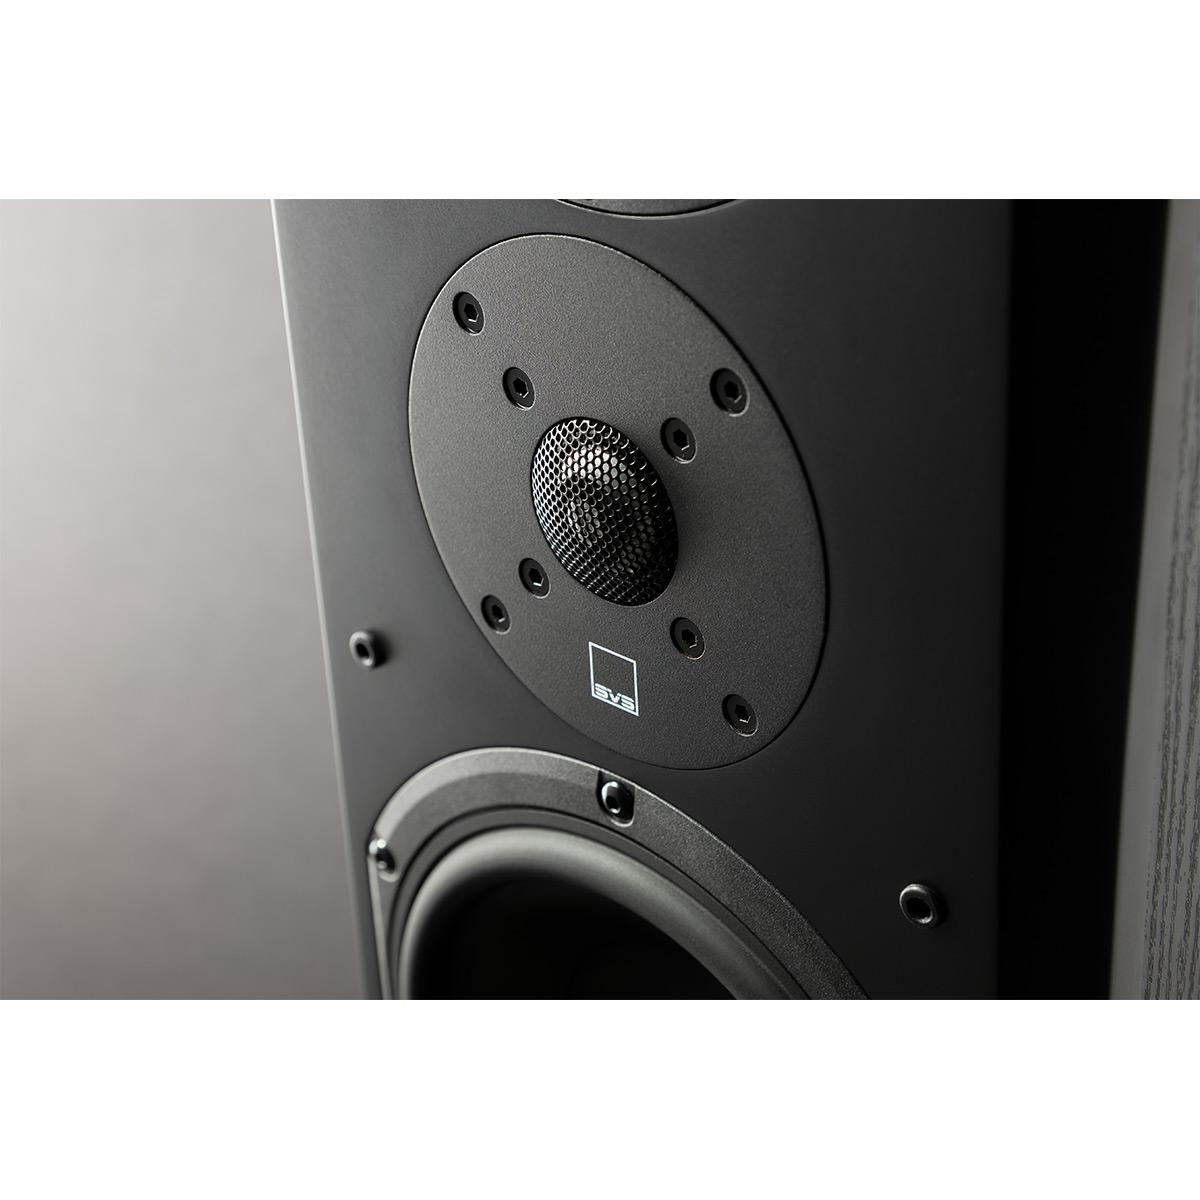 thumbnail 12 - SVS Prime Pinnacle Floorstanding Speakers - Pair